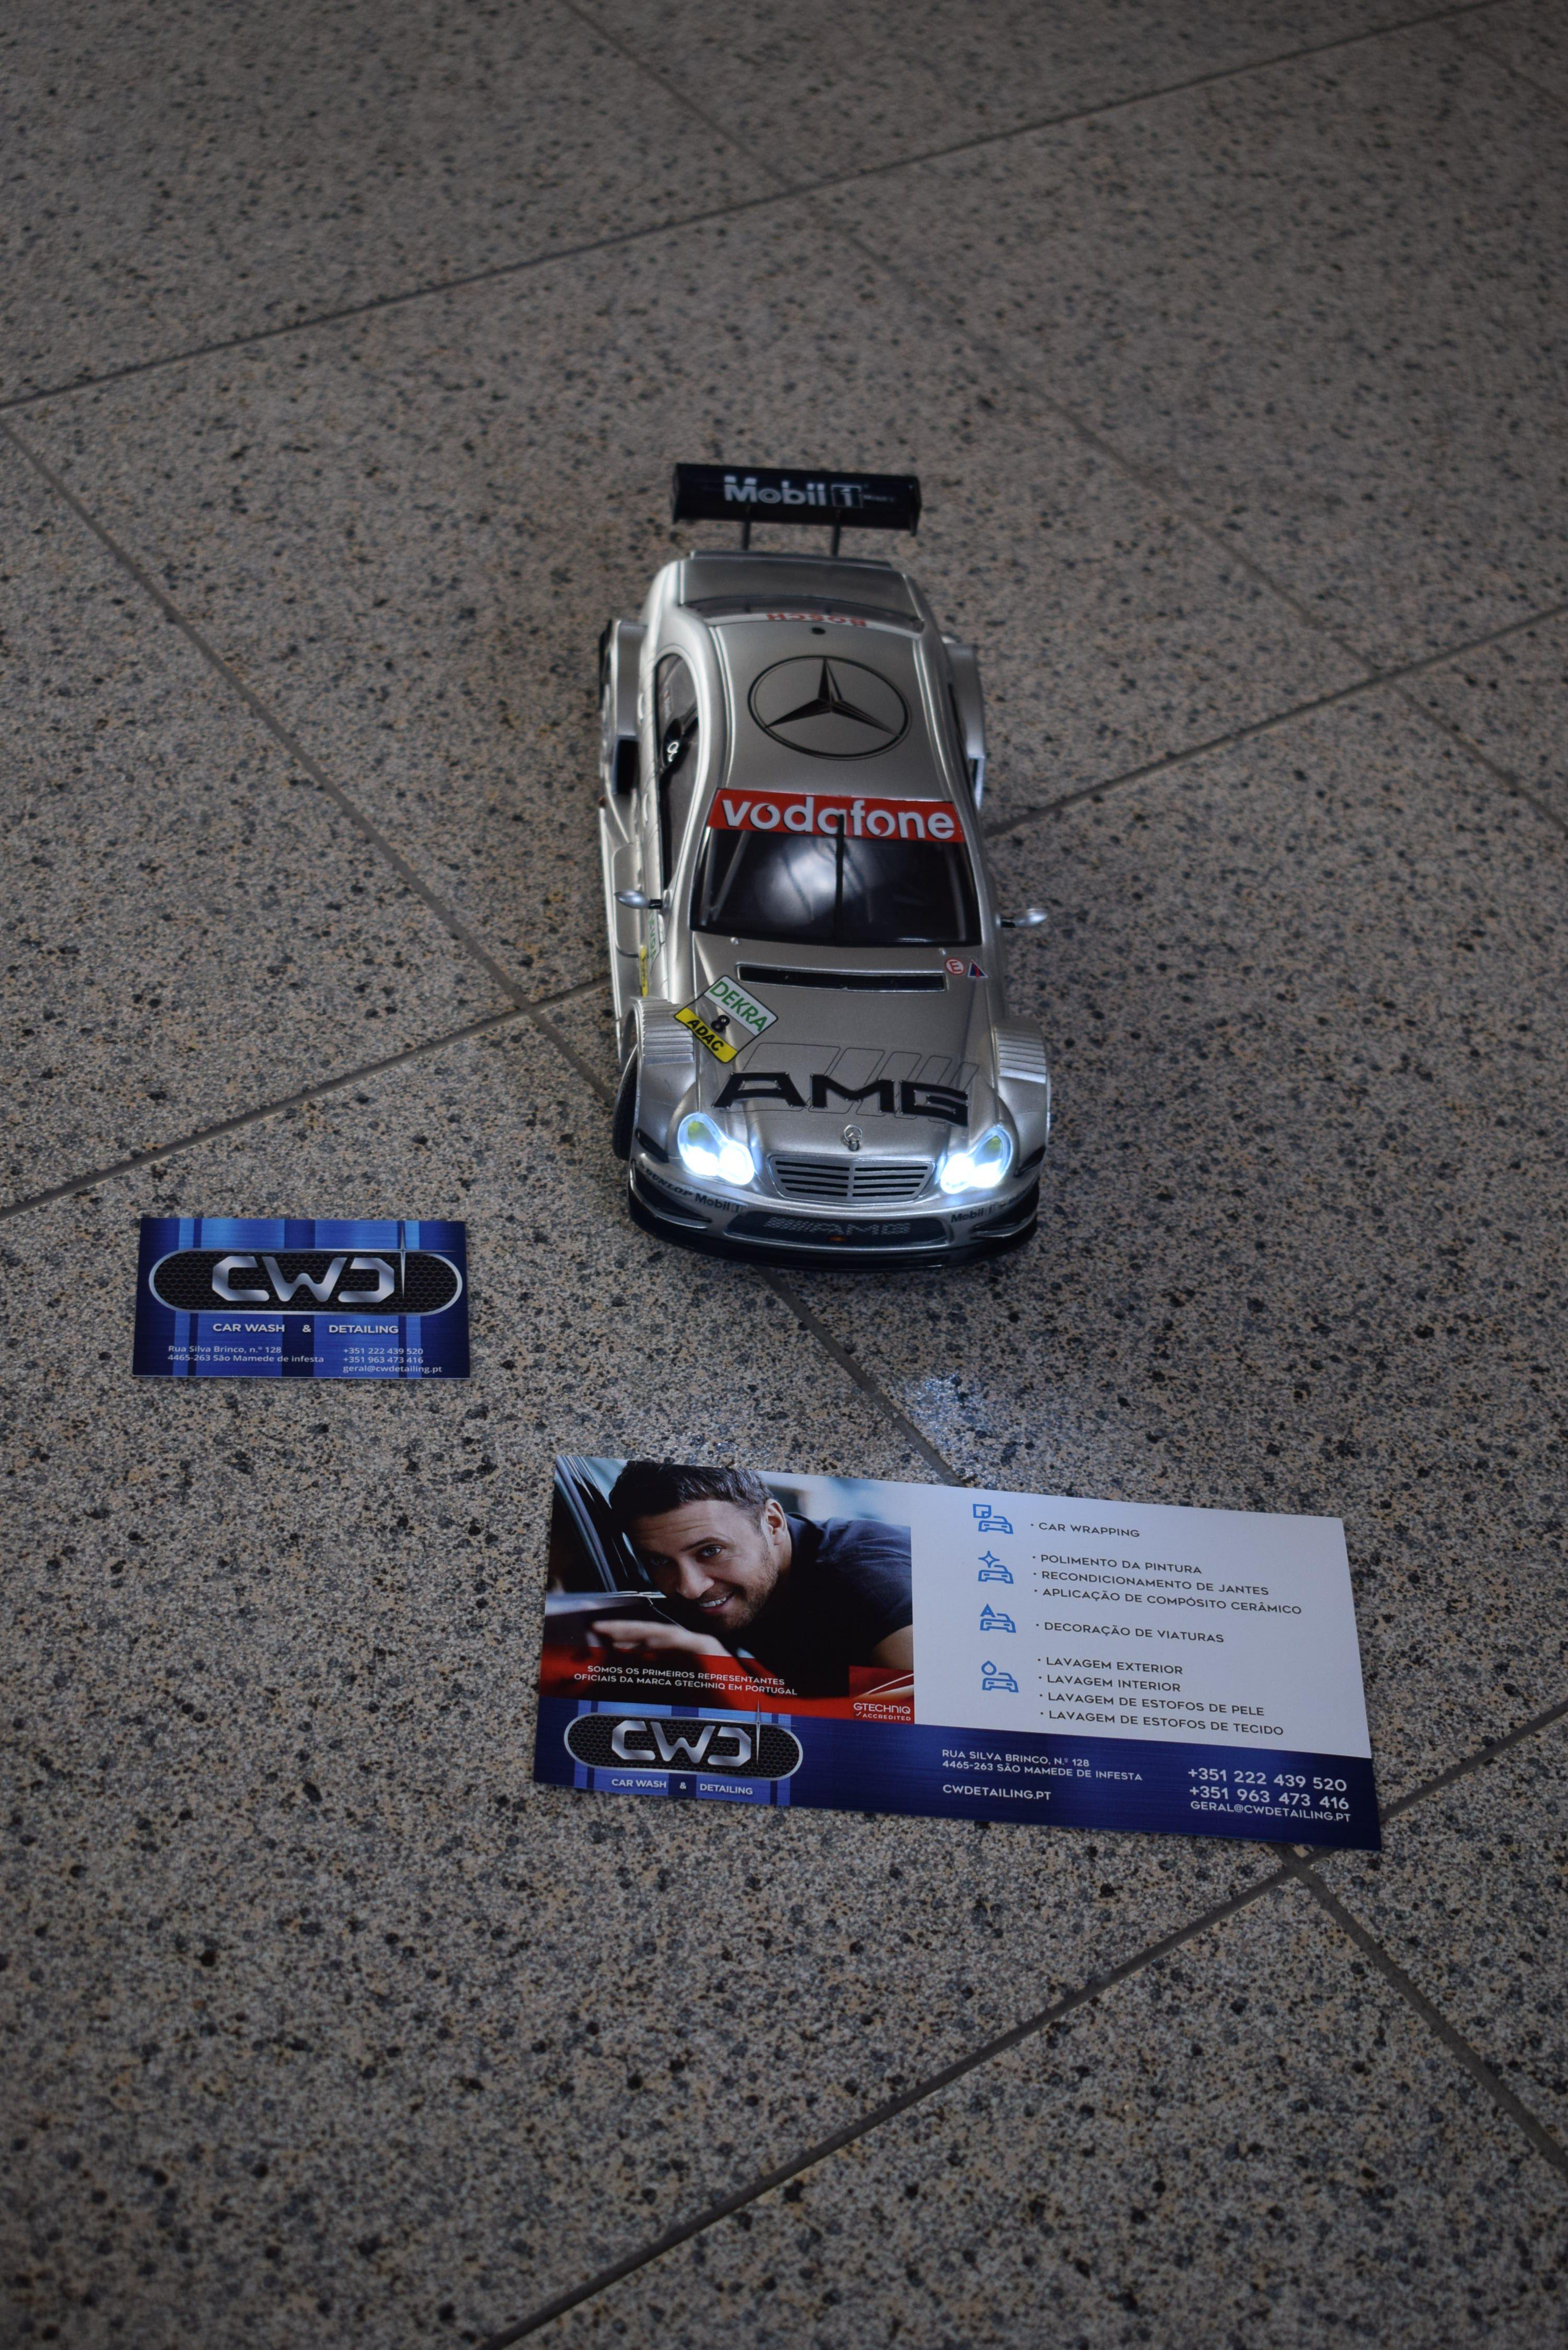 CWD CWD, Car Wash & Detailing, Car Wash, Carro telecomandado CWD, Car Wash & Detailing, Car Wash, Carro telecomandado